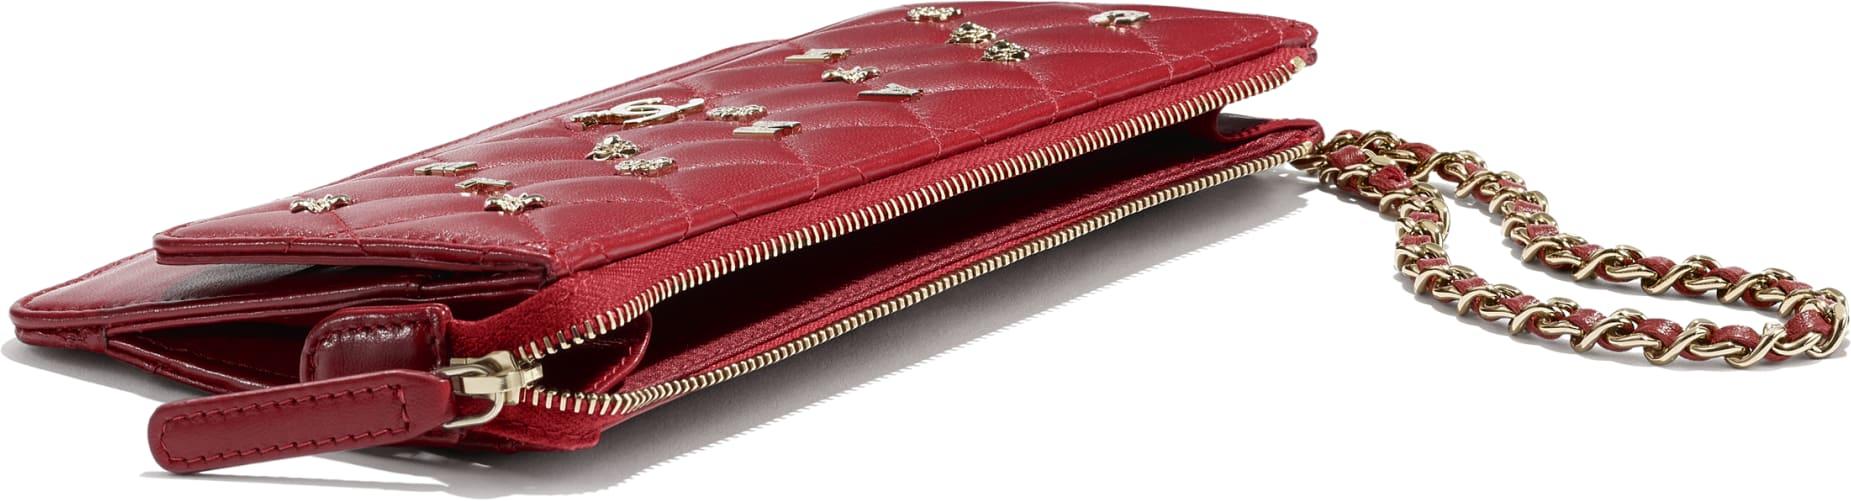 핸들 장식의 지갑